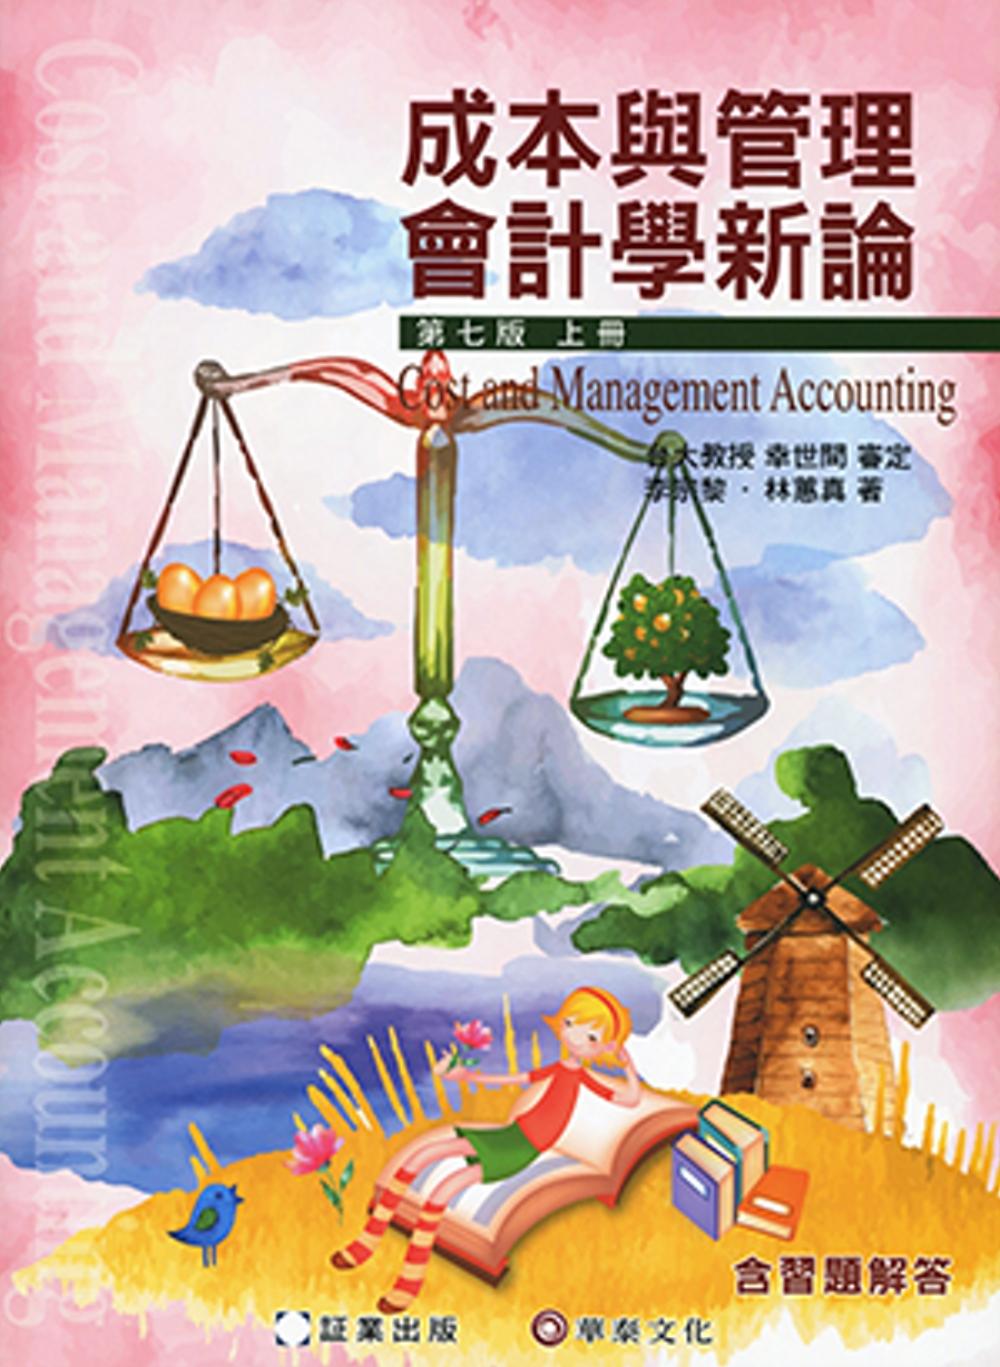 成本與管理會計學新論 (上冊)